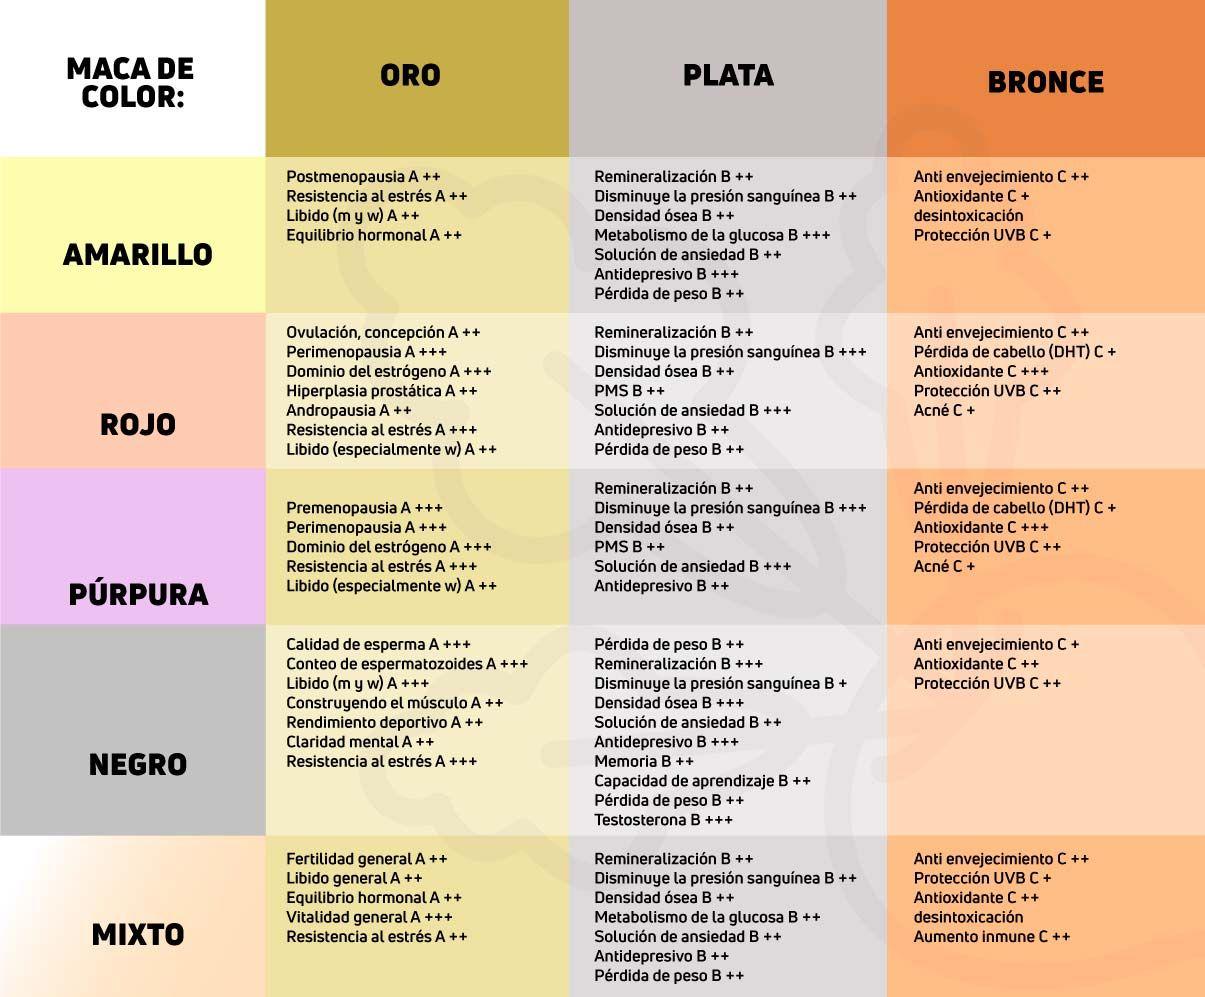 Ranking de los efectos de las variedades de la Maca